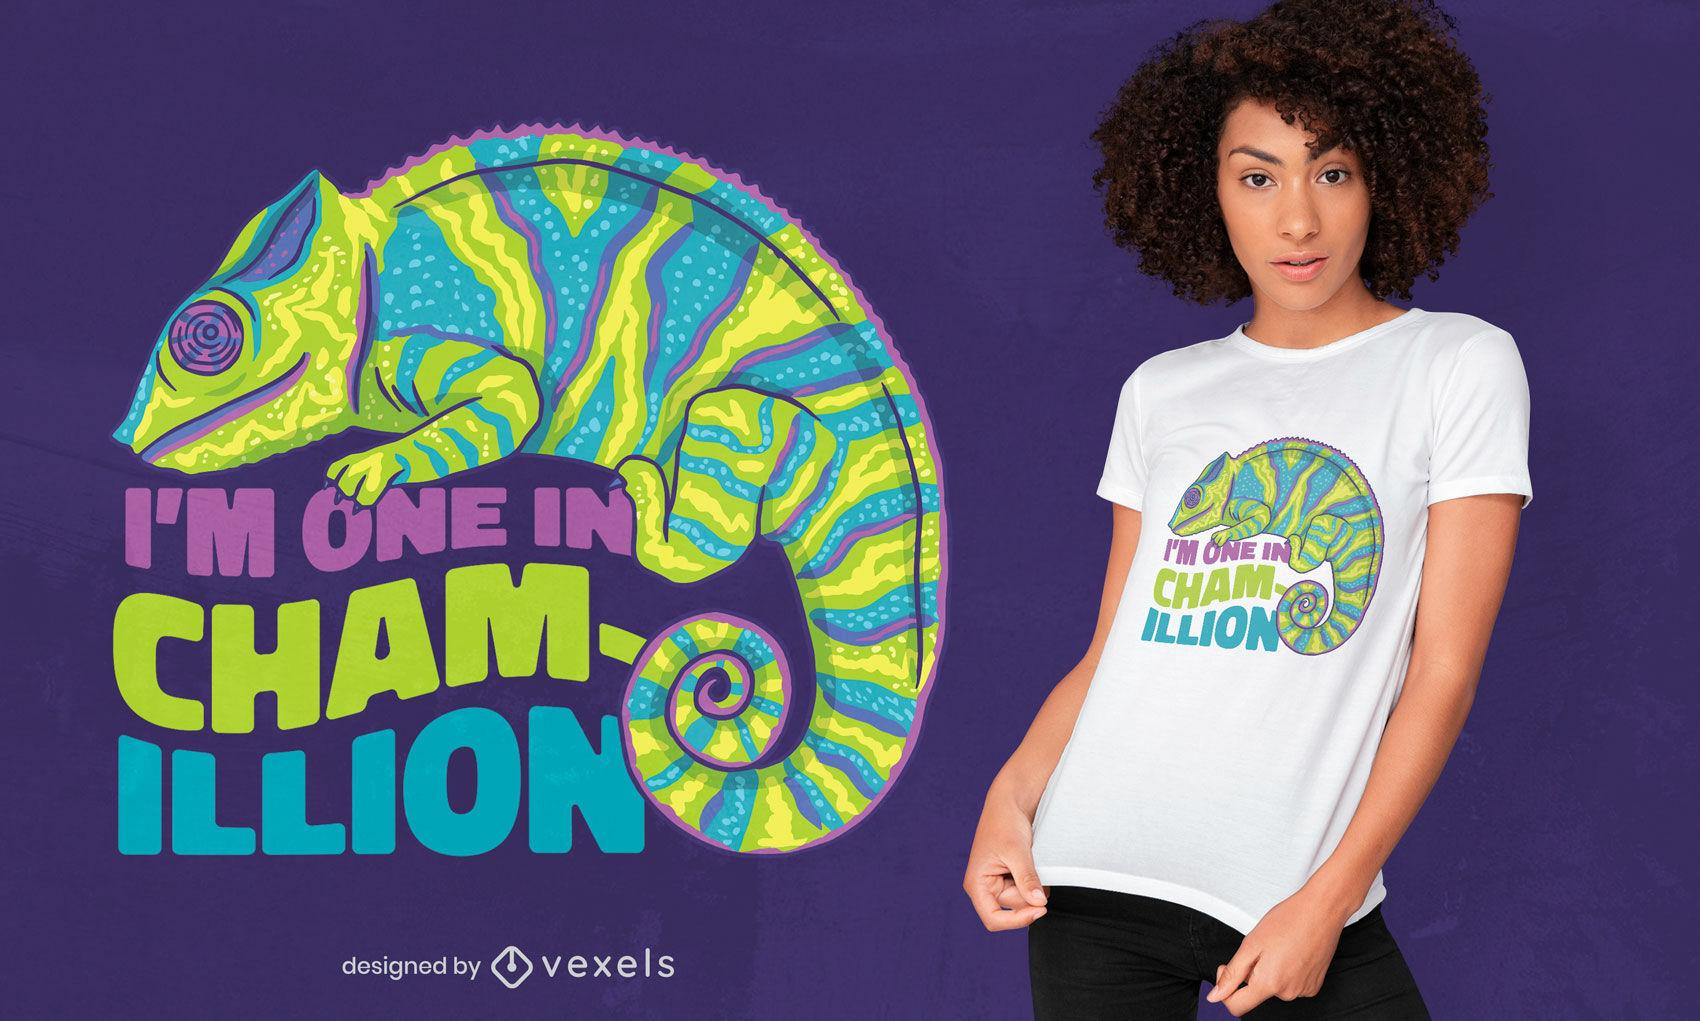 Chameleon animal pun funny t-shirt design